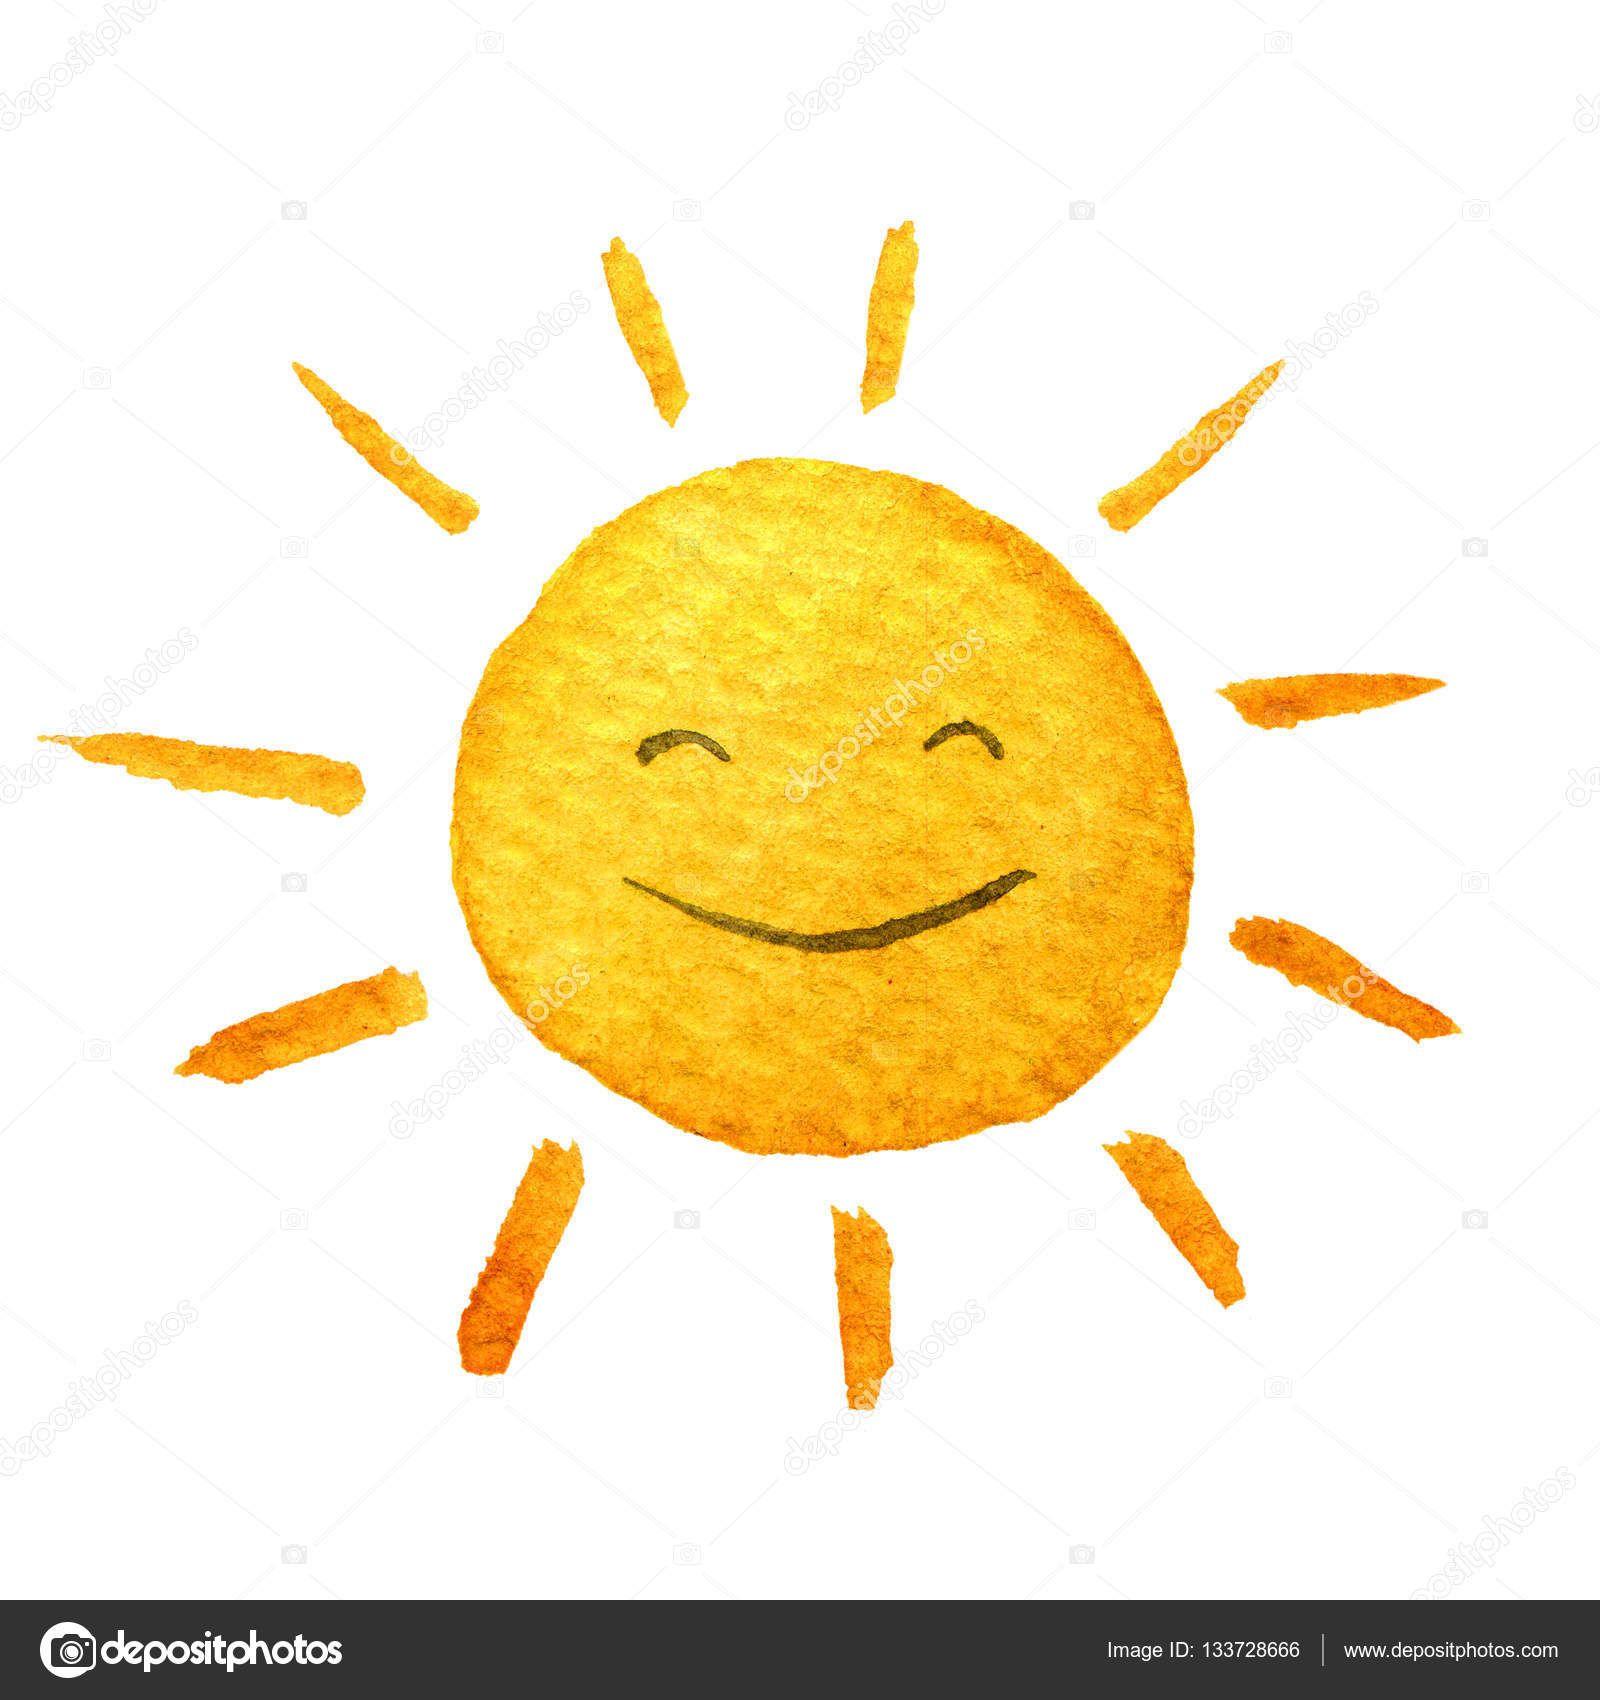 Indir Sevimli Cizgi Film Sunshine El Sulu Boya Resimde Gulumseyen Gunes Cekilmis Sulu Boya Cizim Boyali Stok Imaj Sulu Boya Cizim Resim